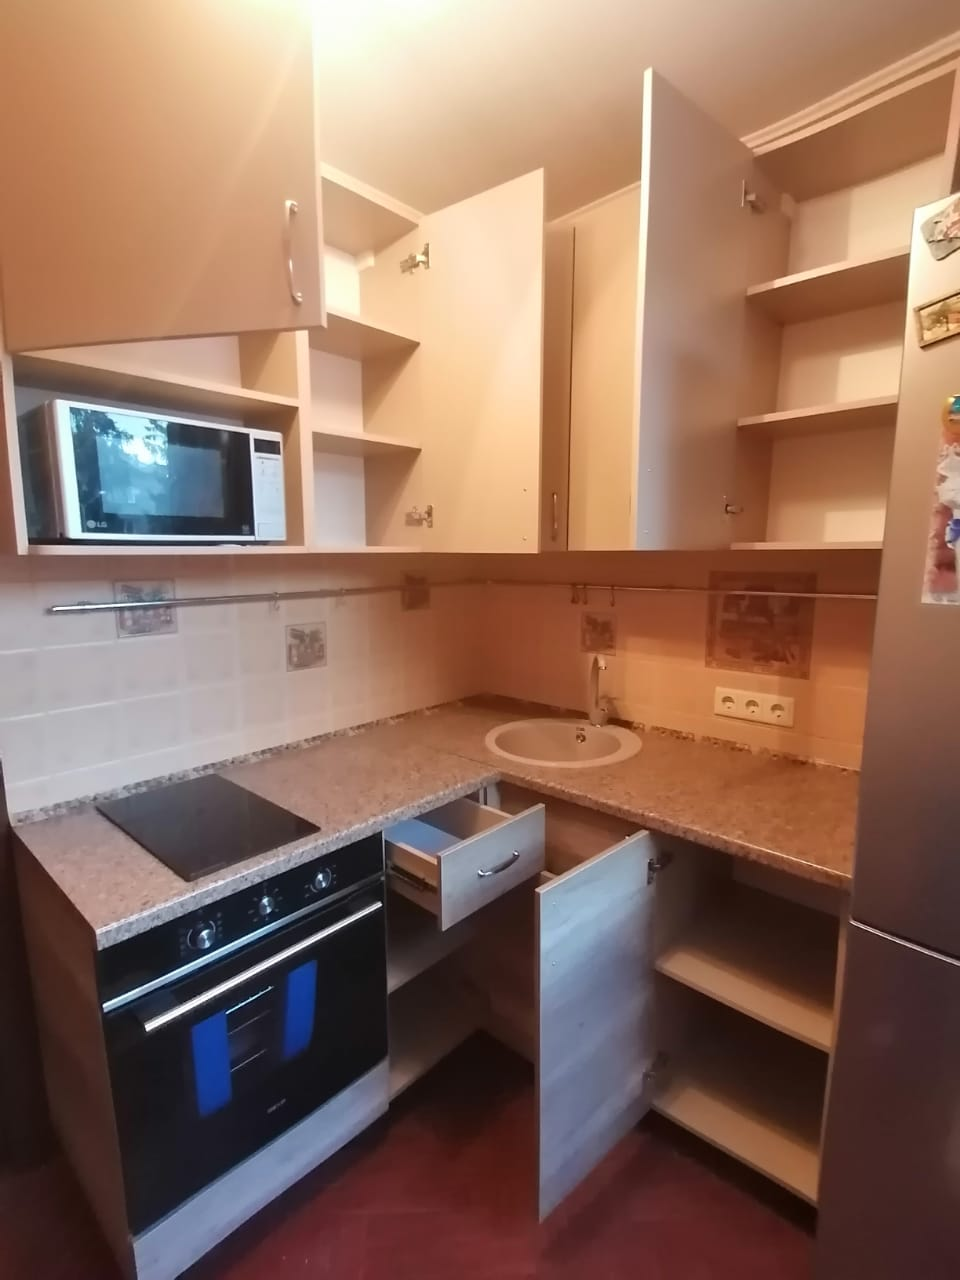 Кухня на заказ в городе Краснообск